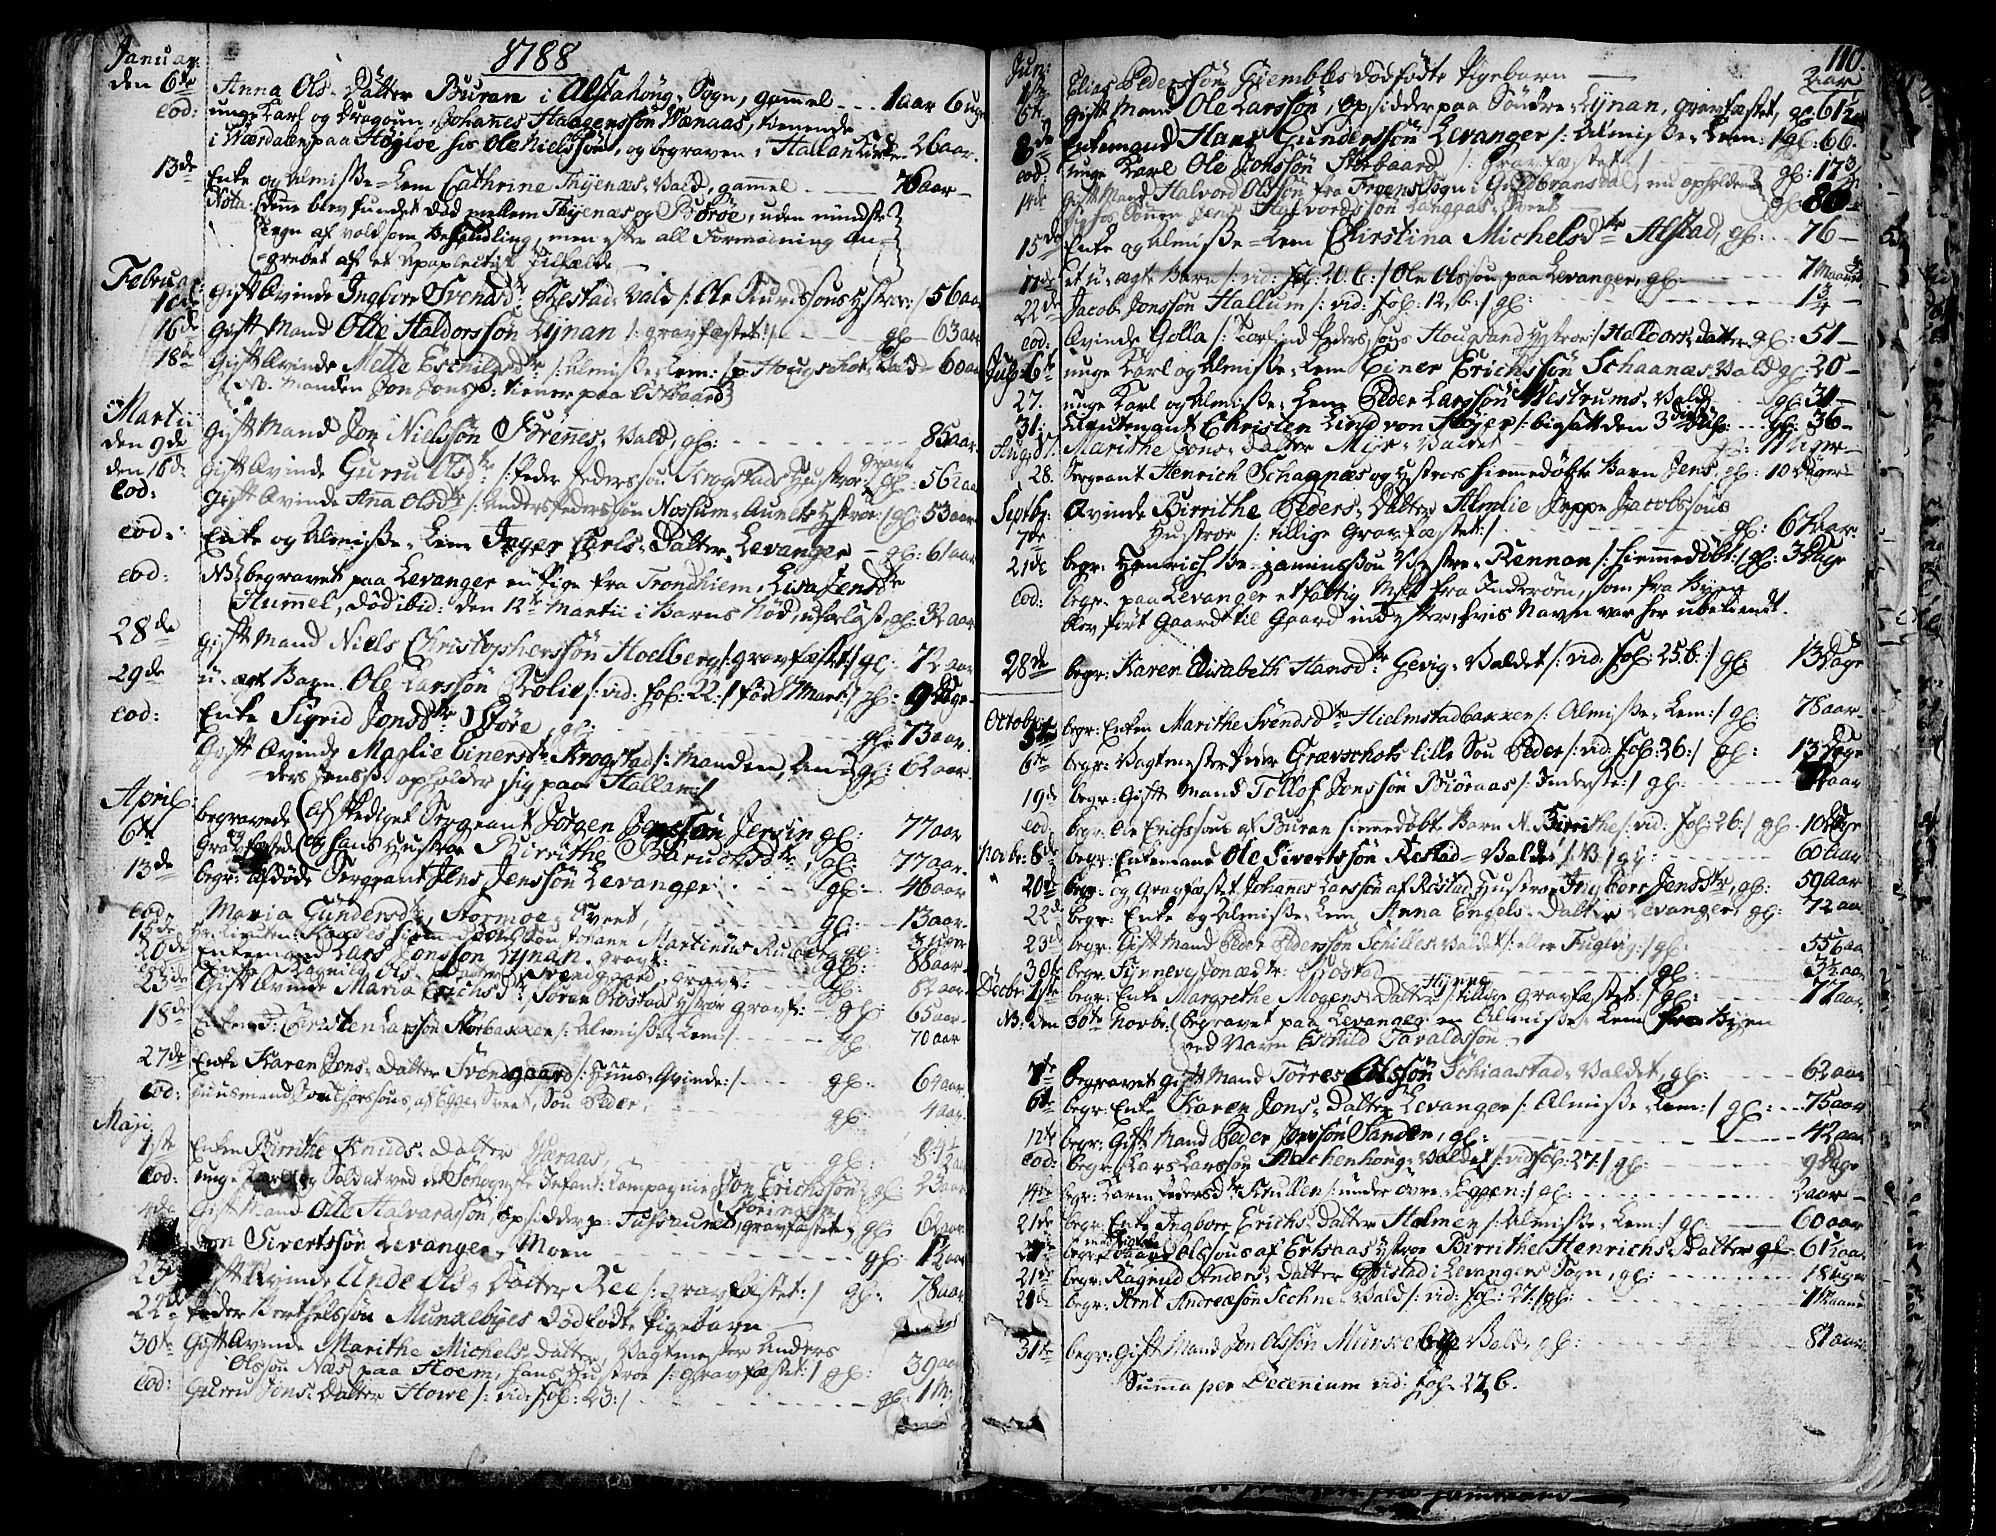 SAT, Ministerialprotokoller, klokkerbøker og fødselsregistre - Nord-Trøndelag, 717/L0142: Ministerialbok nr. 717A02 /1, 1783-1809, s. 110